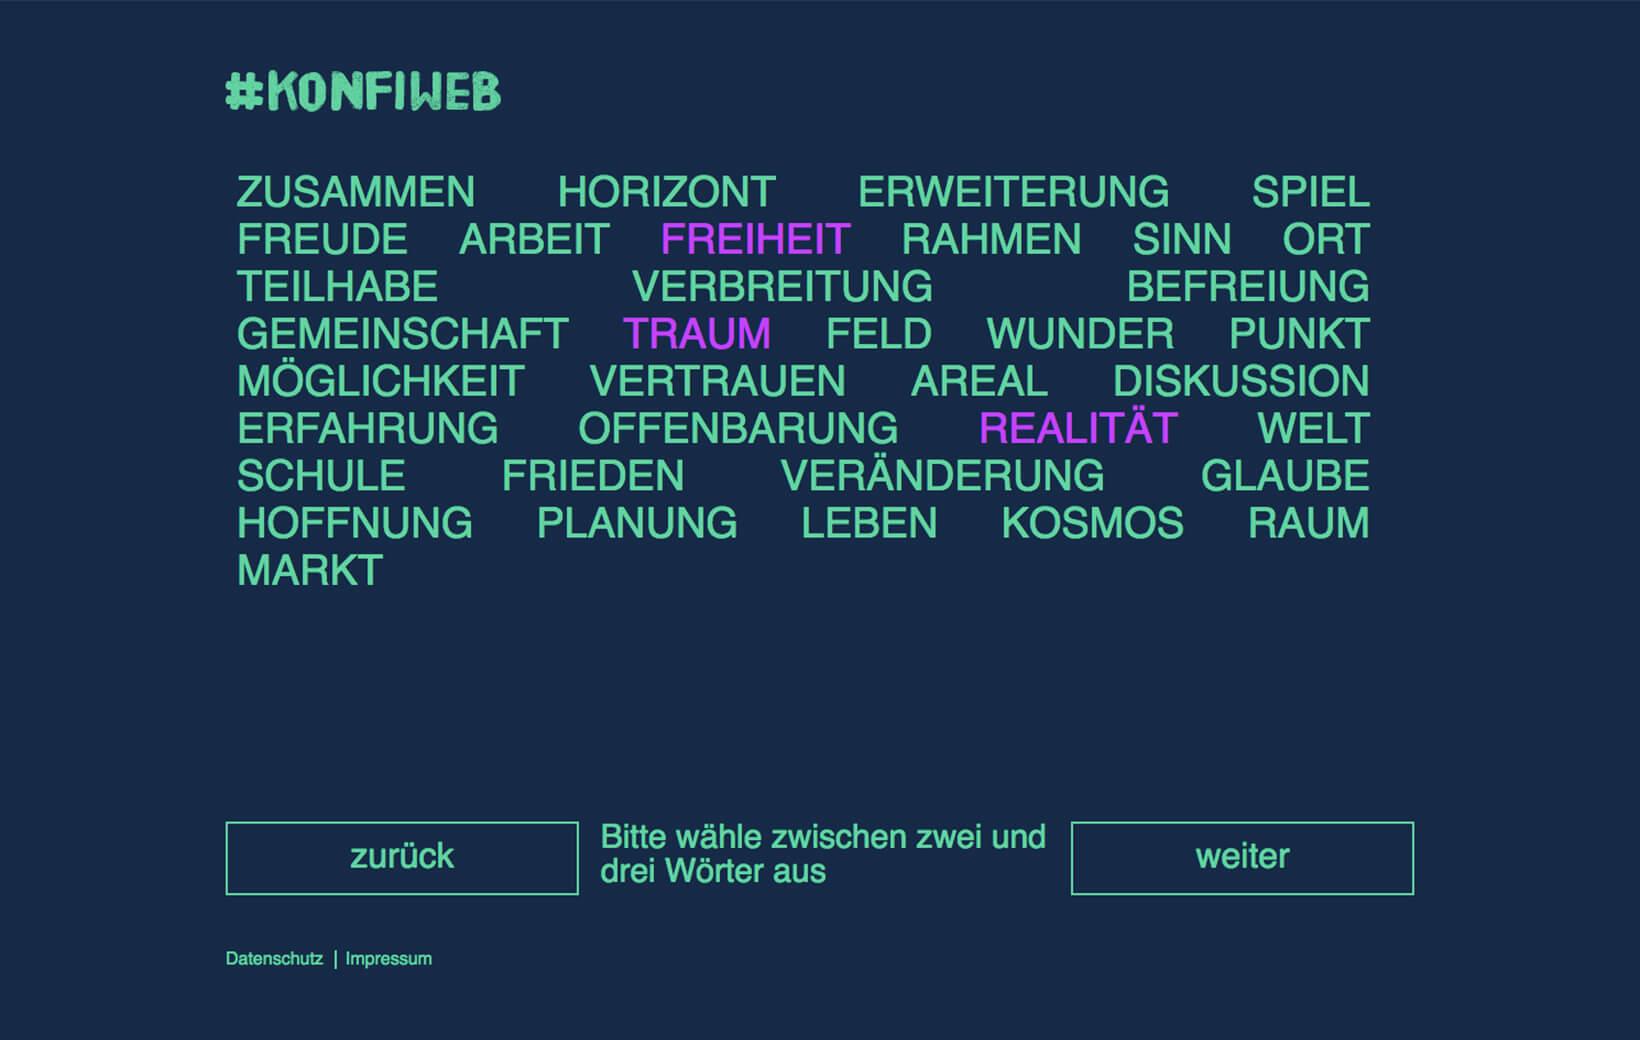 Wortschöpfung Auswahlbildschirm